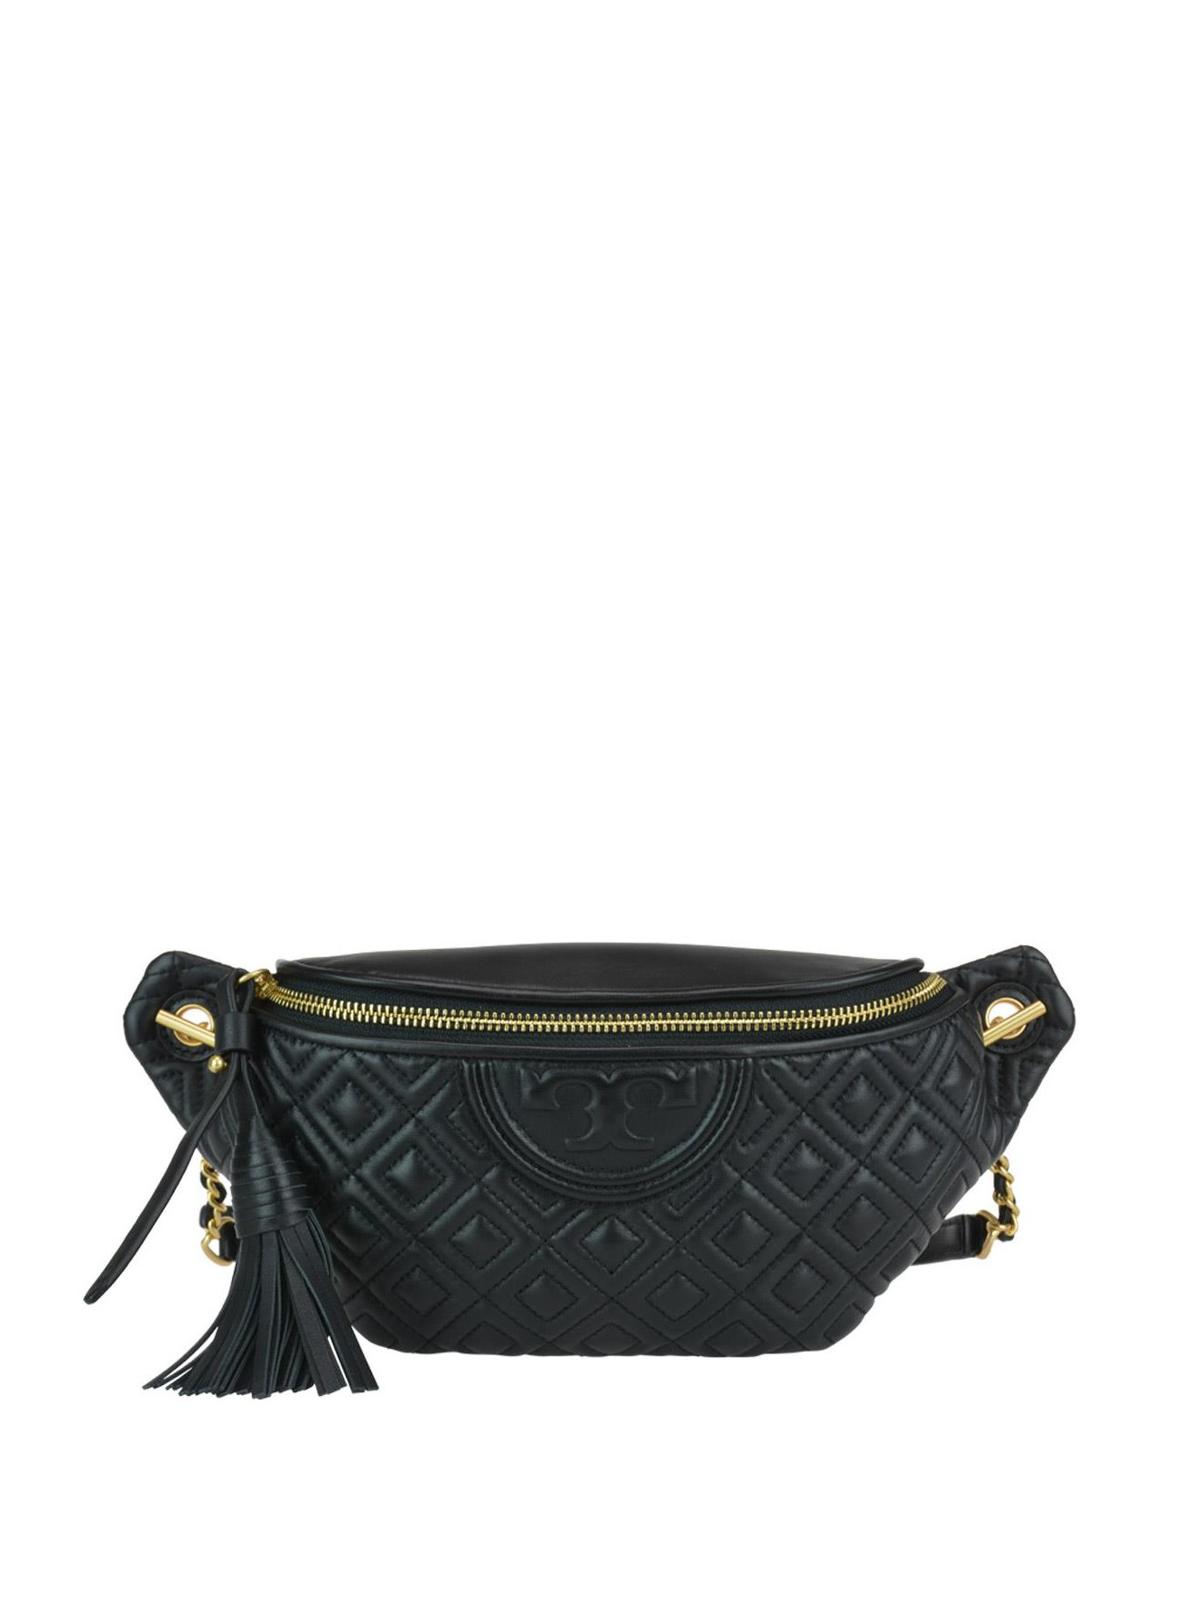 a650b927c8a9 Tory Burch - Fleming leather belt bag - belt bags - 53060 001 ...